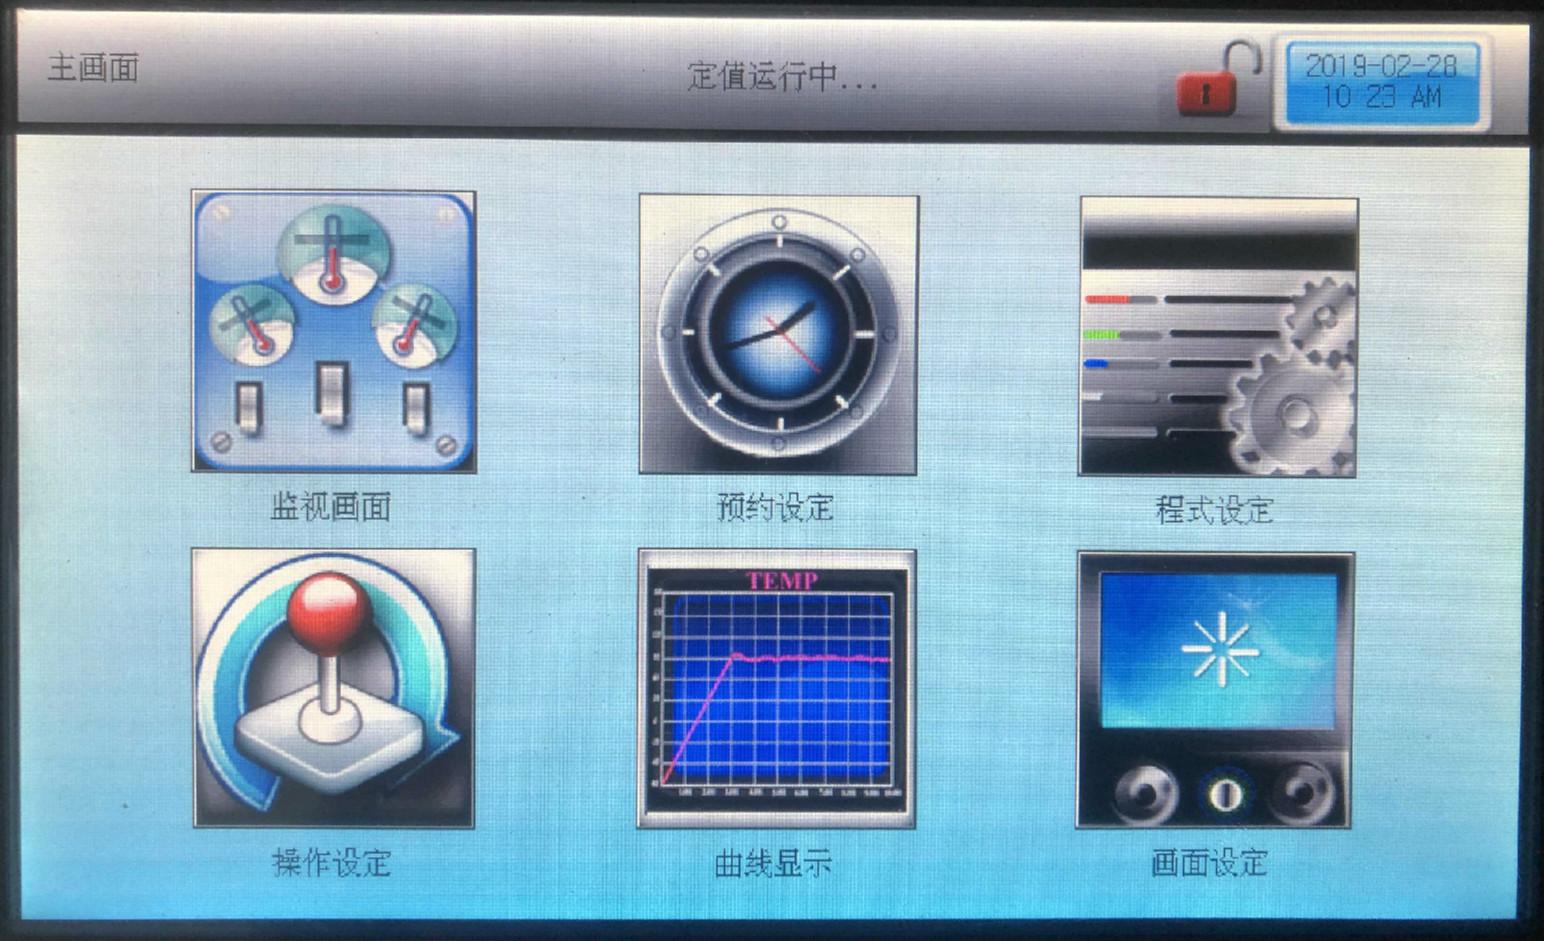 恒温恒湿试验箱控制器菜单